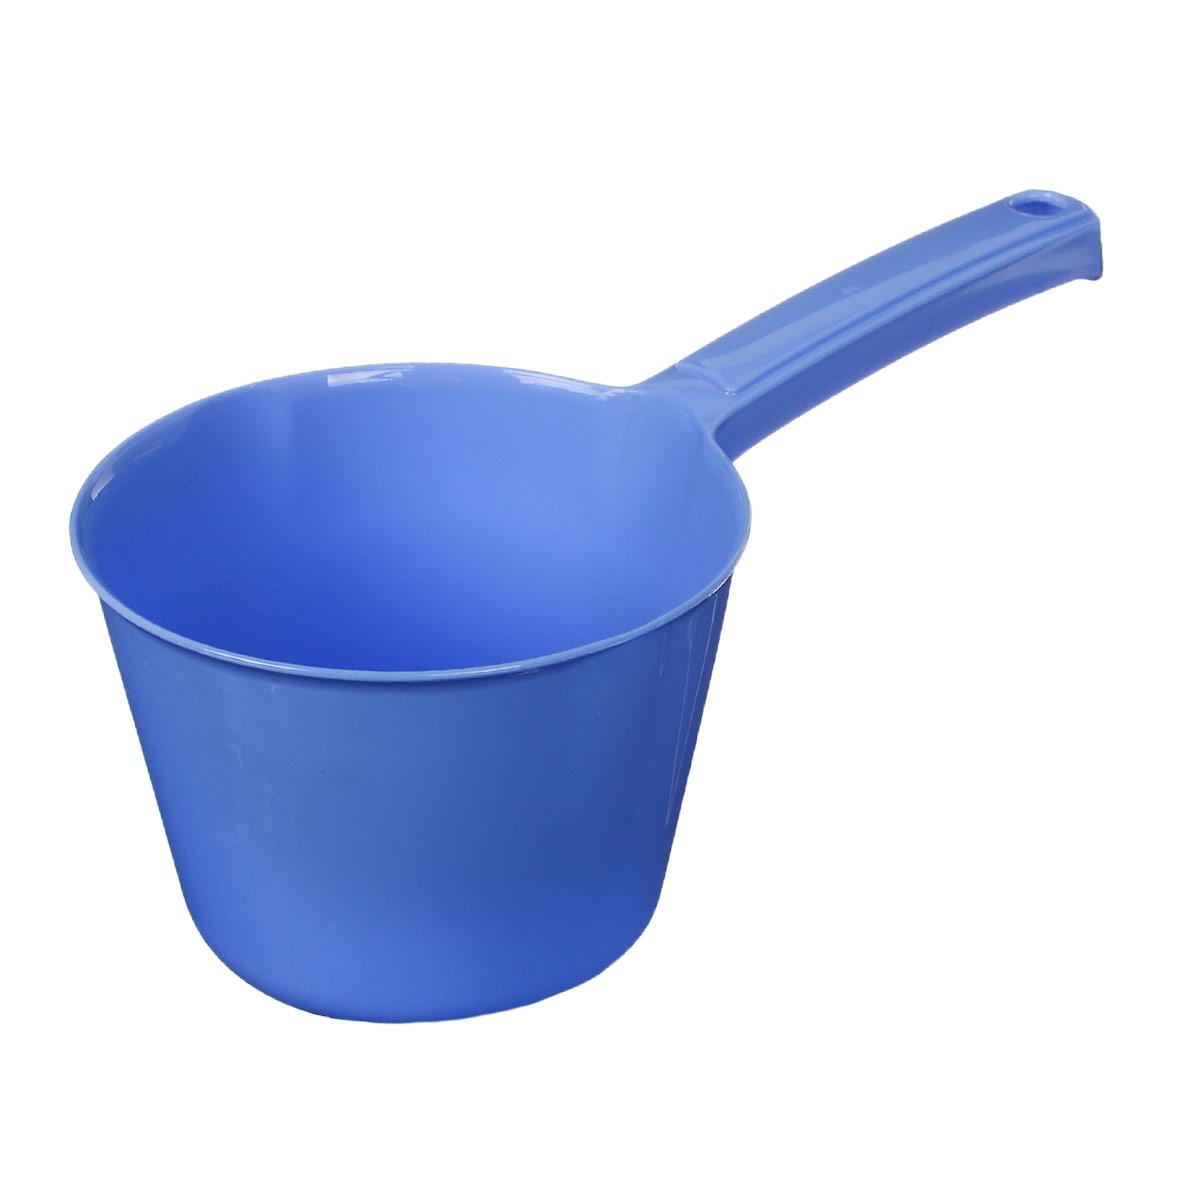 """Ковш """"Idea"""" изготовлен из высококачественного цветного пластика. Изделие используется для моечных и обливных процедур, для черпания и переливания воды и других жидкостей. Ковш оснащен удобной эргономичной ручкой с петелькой для подвешивания на крючок. Размер ковша (без учета ручки): 13,5 см х 13,5 см х 10,5 см.Длина ручки: 12 см."""